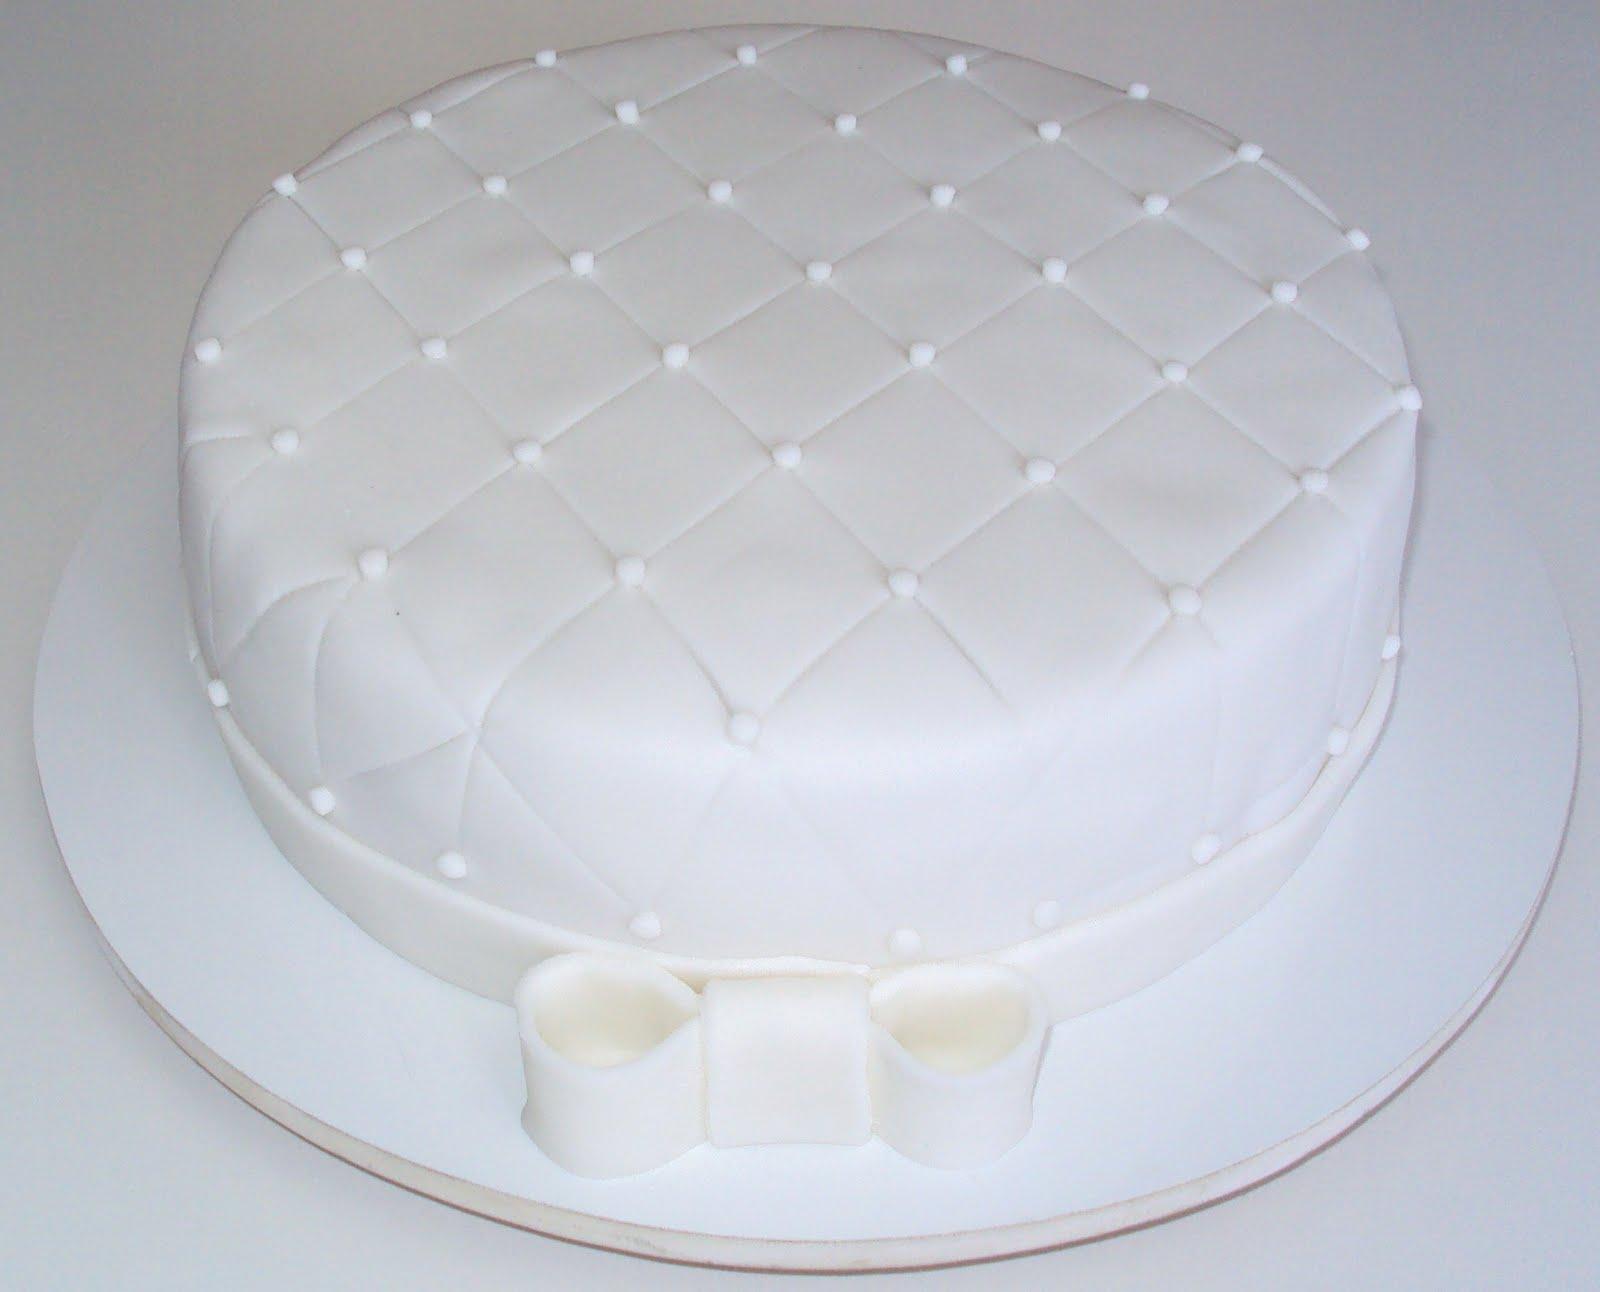 bolos-decorados-de-casamento-simples-7